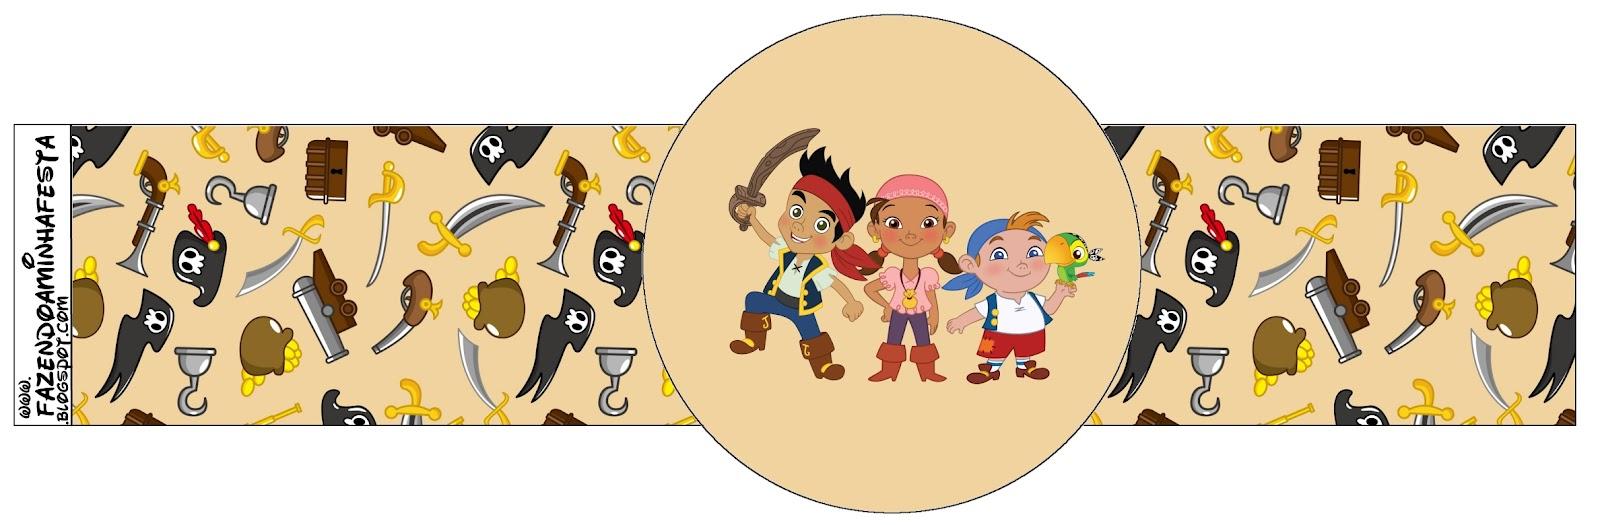 Imprimibles de Jake y los piratas de Nunca Jamás 6.